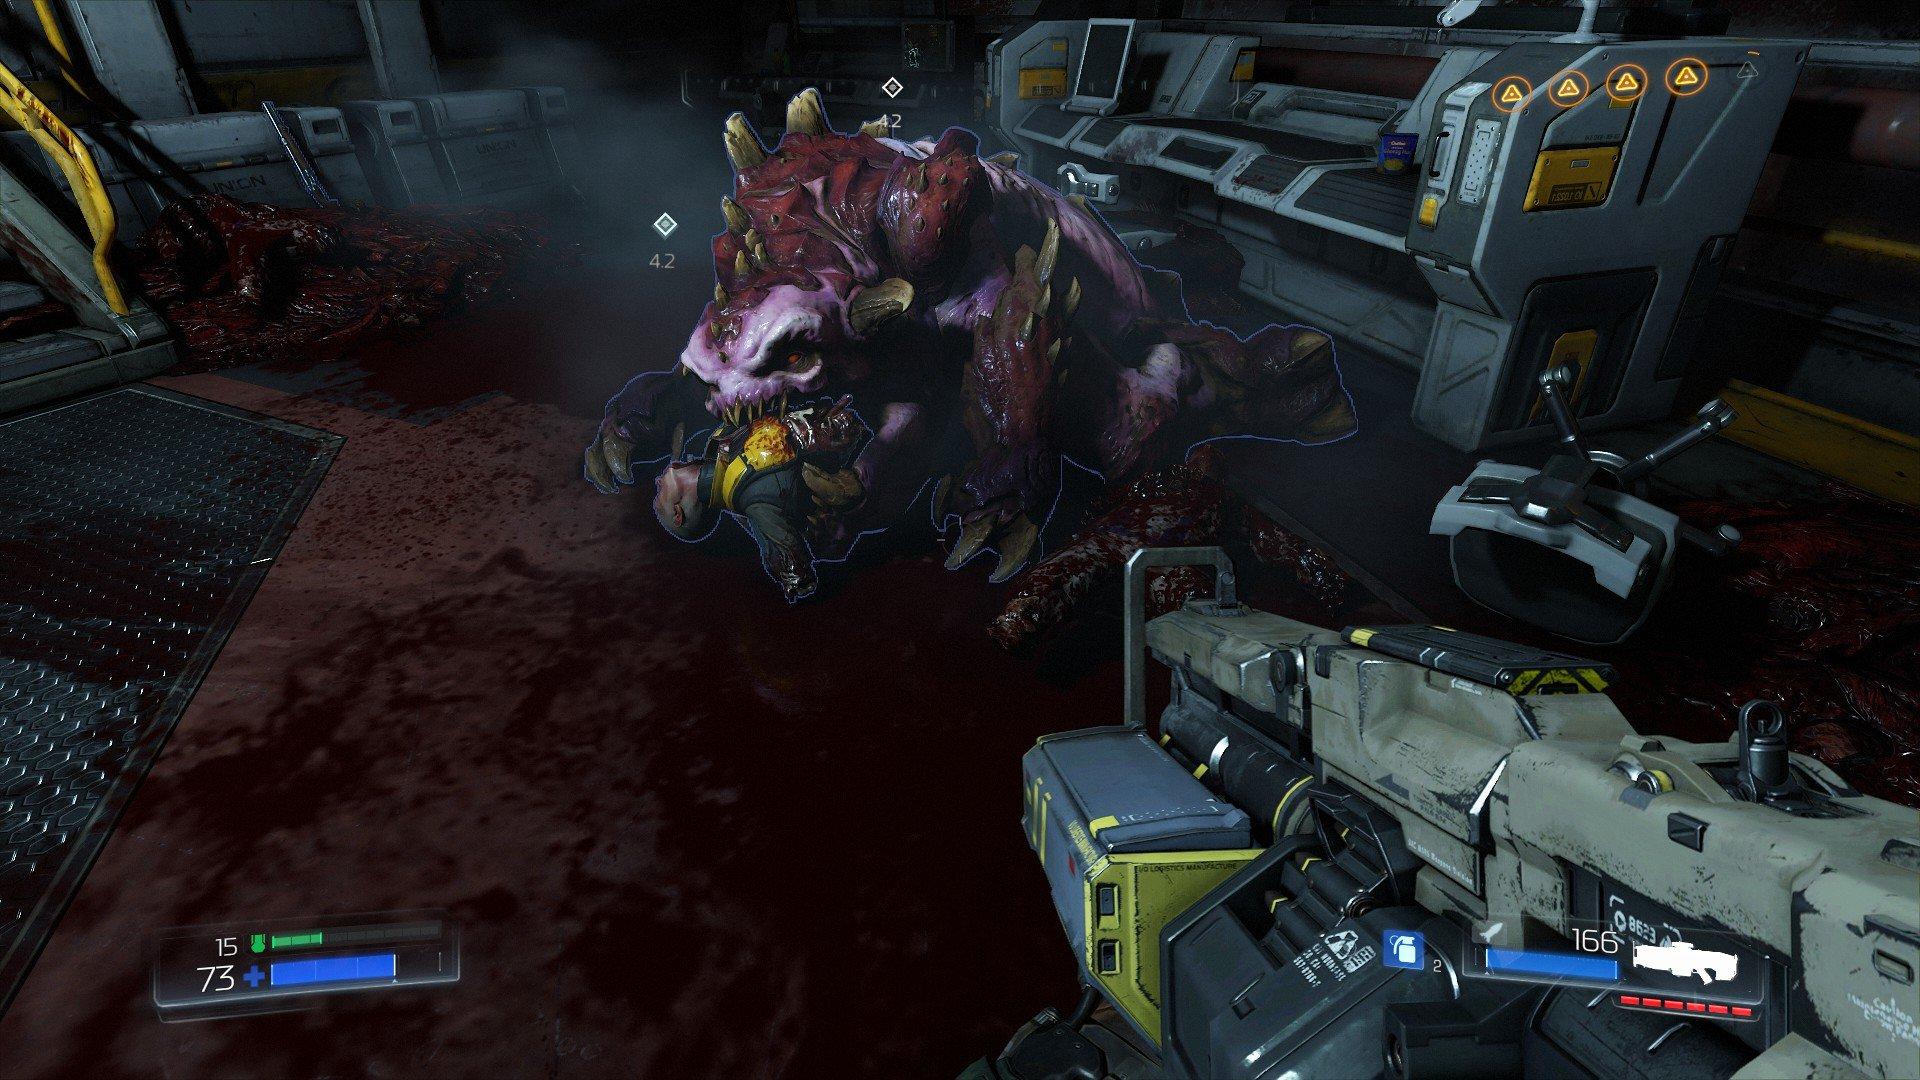 Вопль-прохождение Doom ... Позитивный и развеселый - Изображение 6